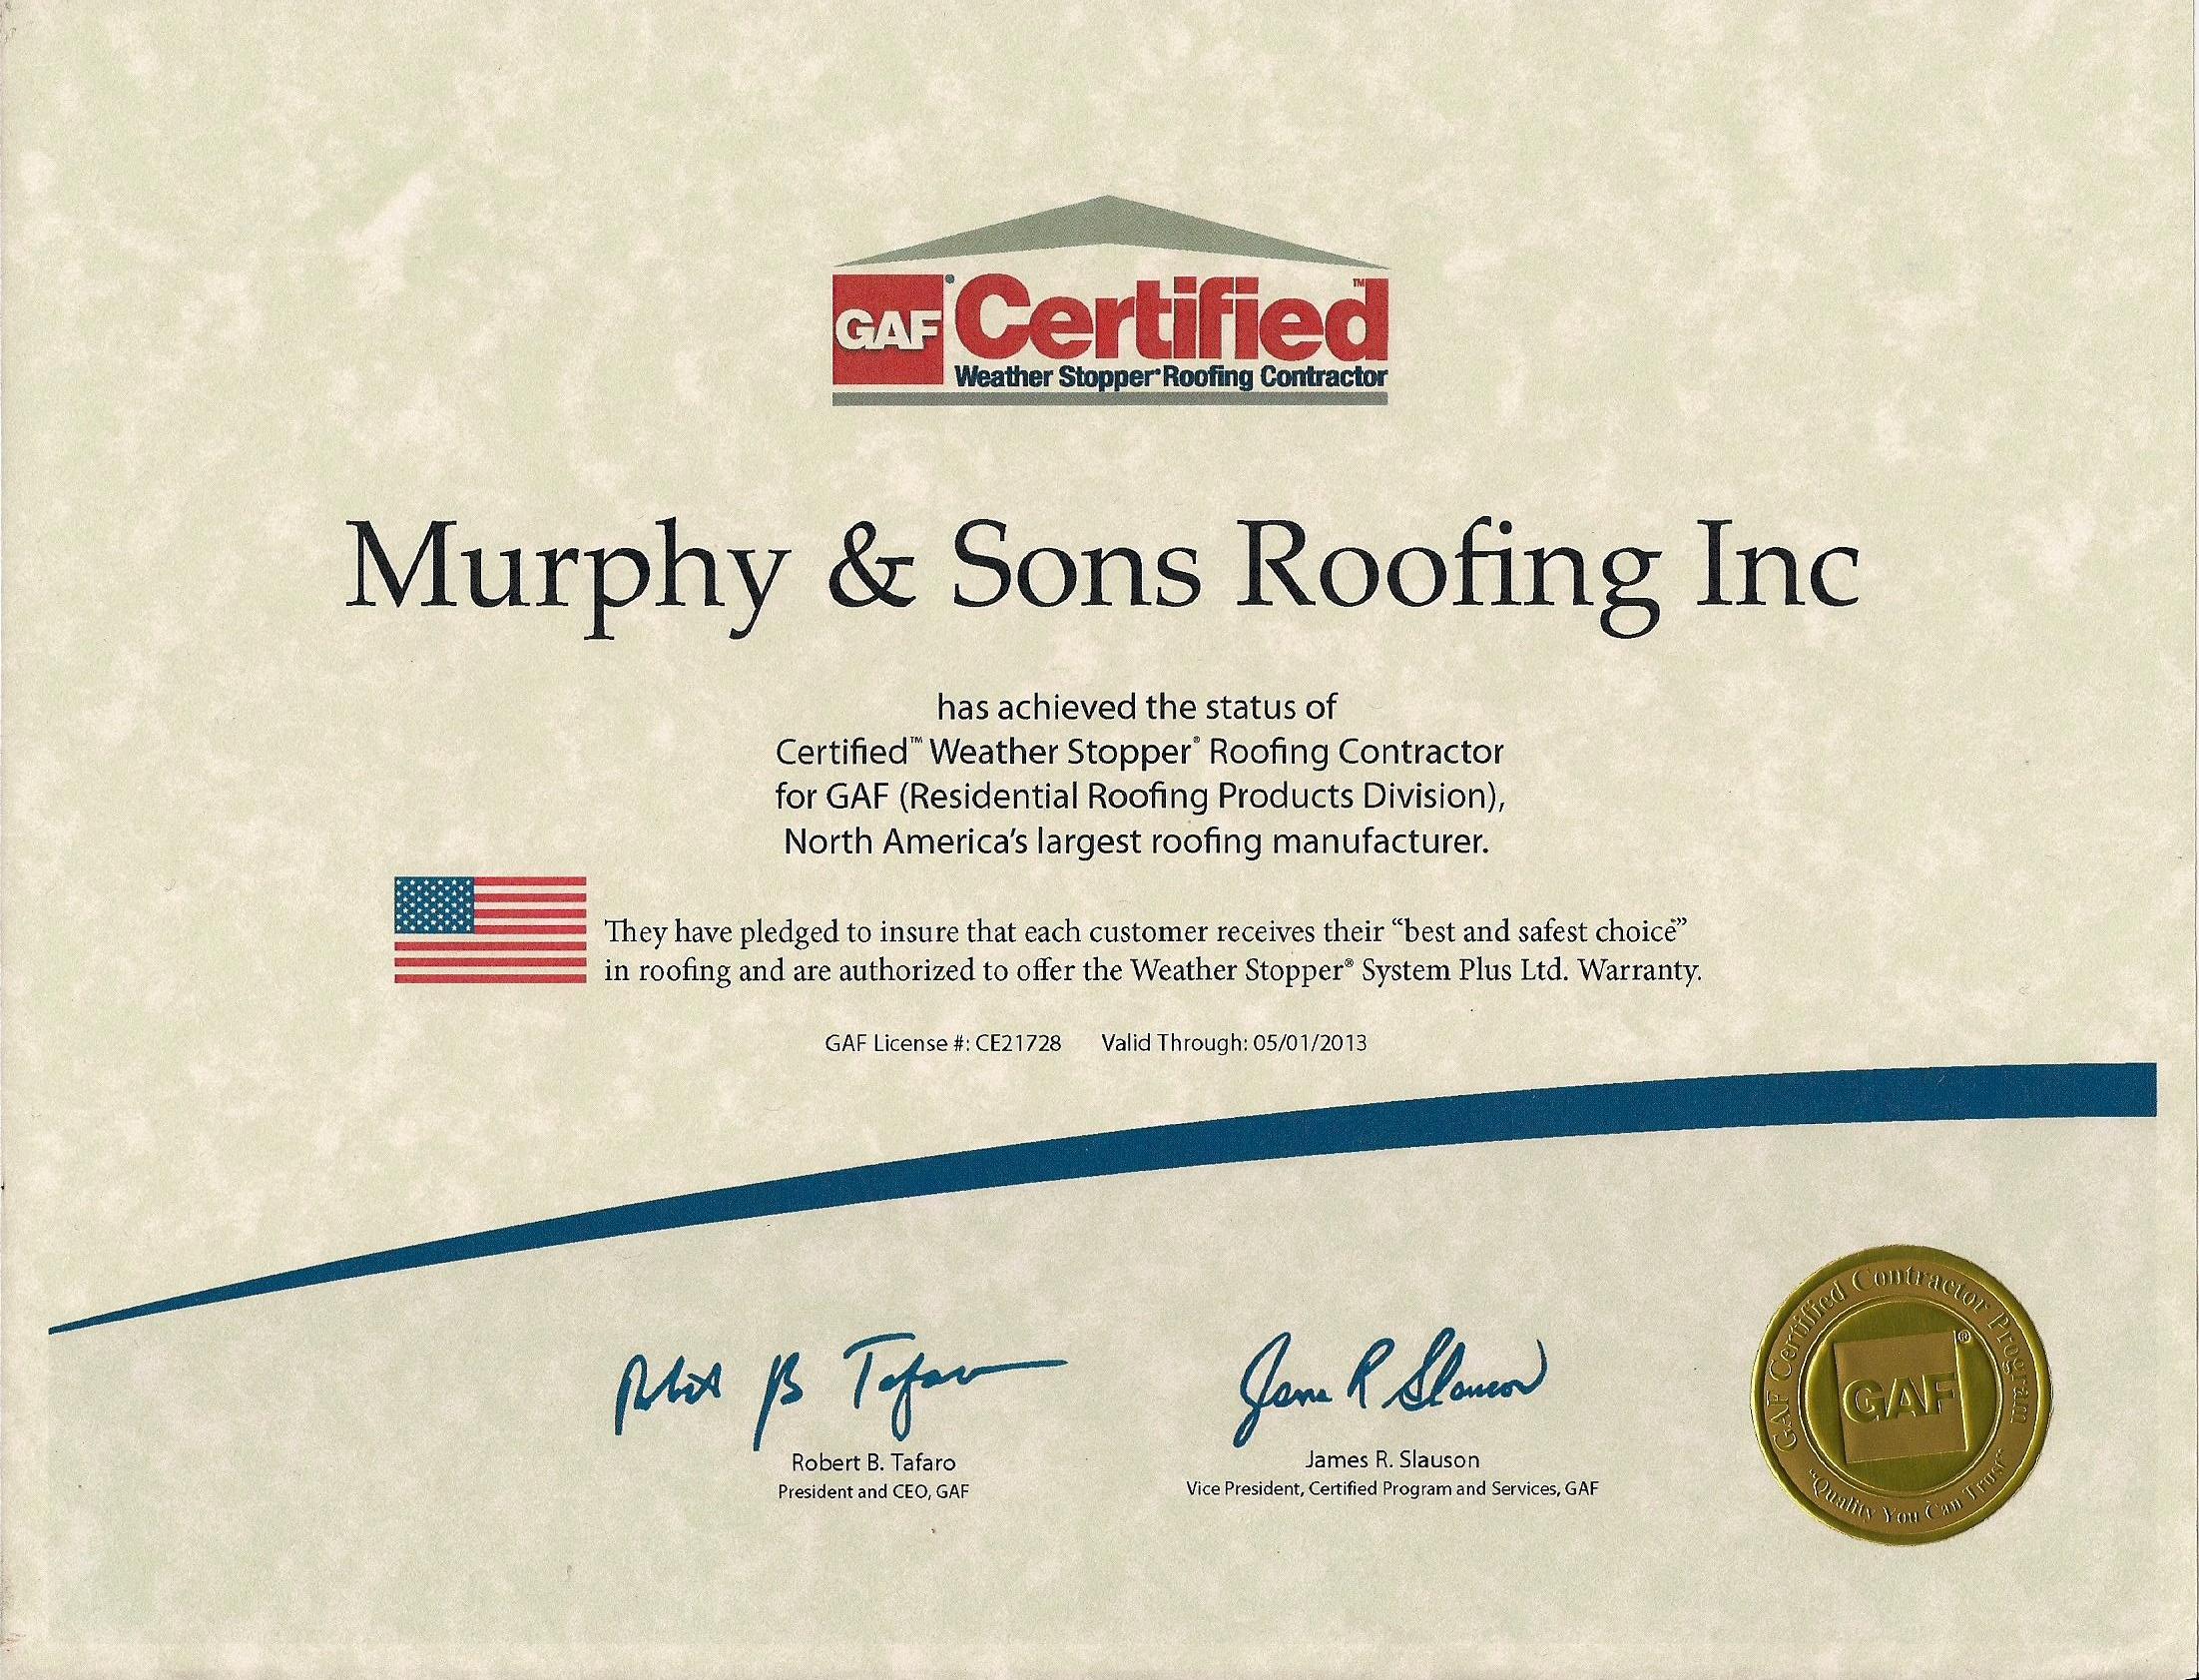 GAF Certificate 2012 13